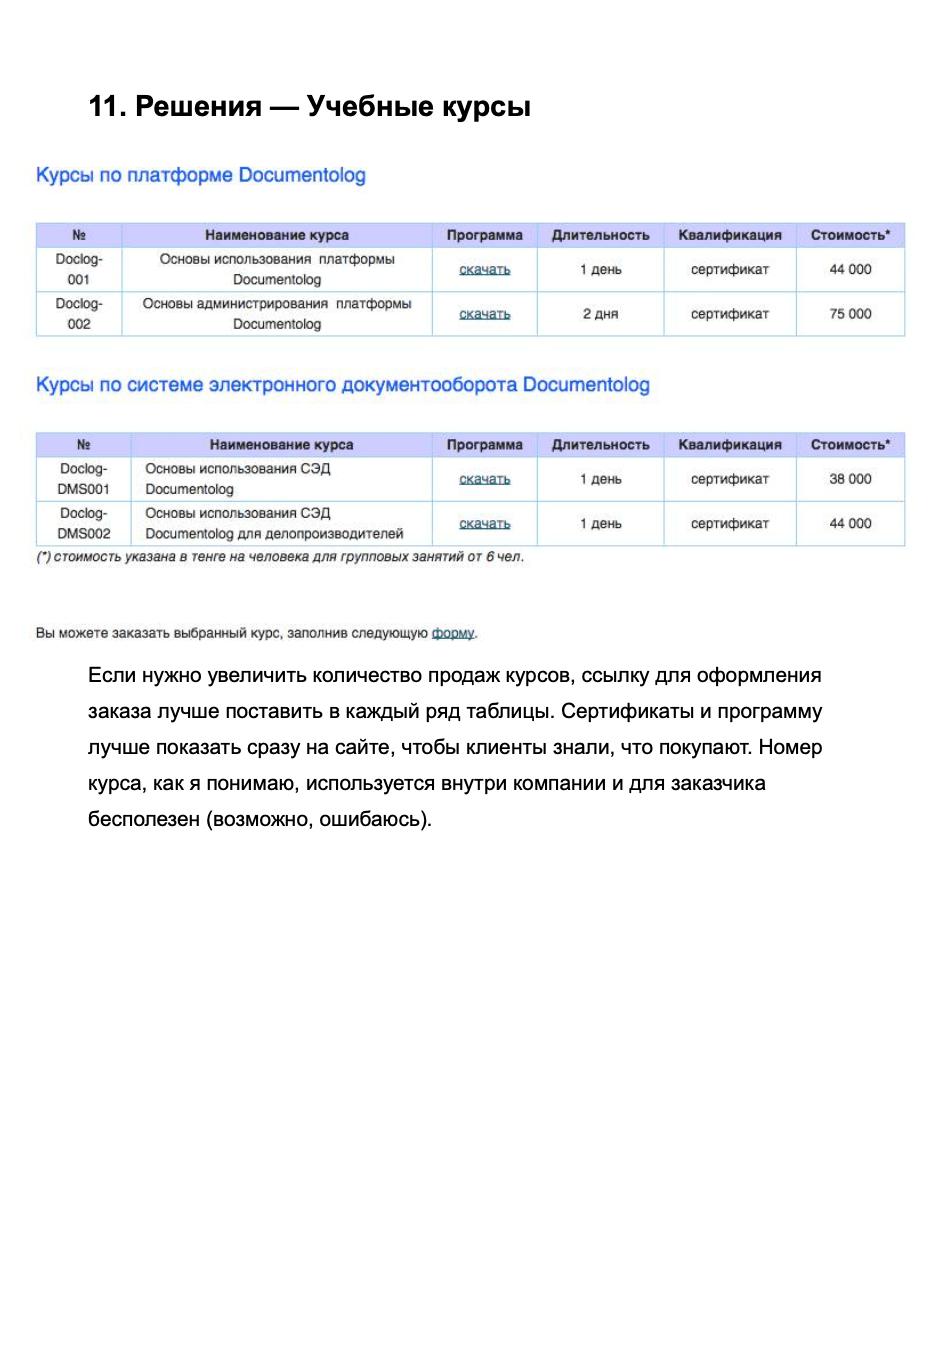 Анализ «Документолога» Сайт Артура Нецветаева — сайты, приложения, прототипы и оформление интерфейсов 24